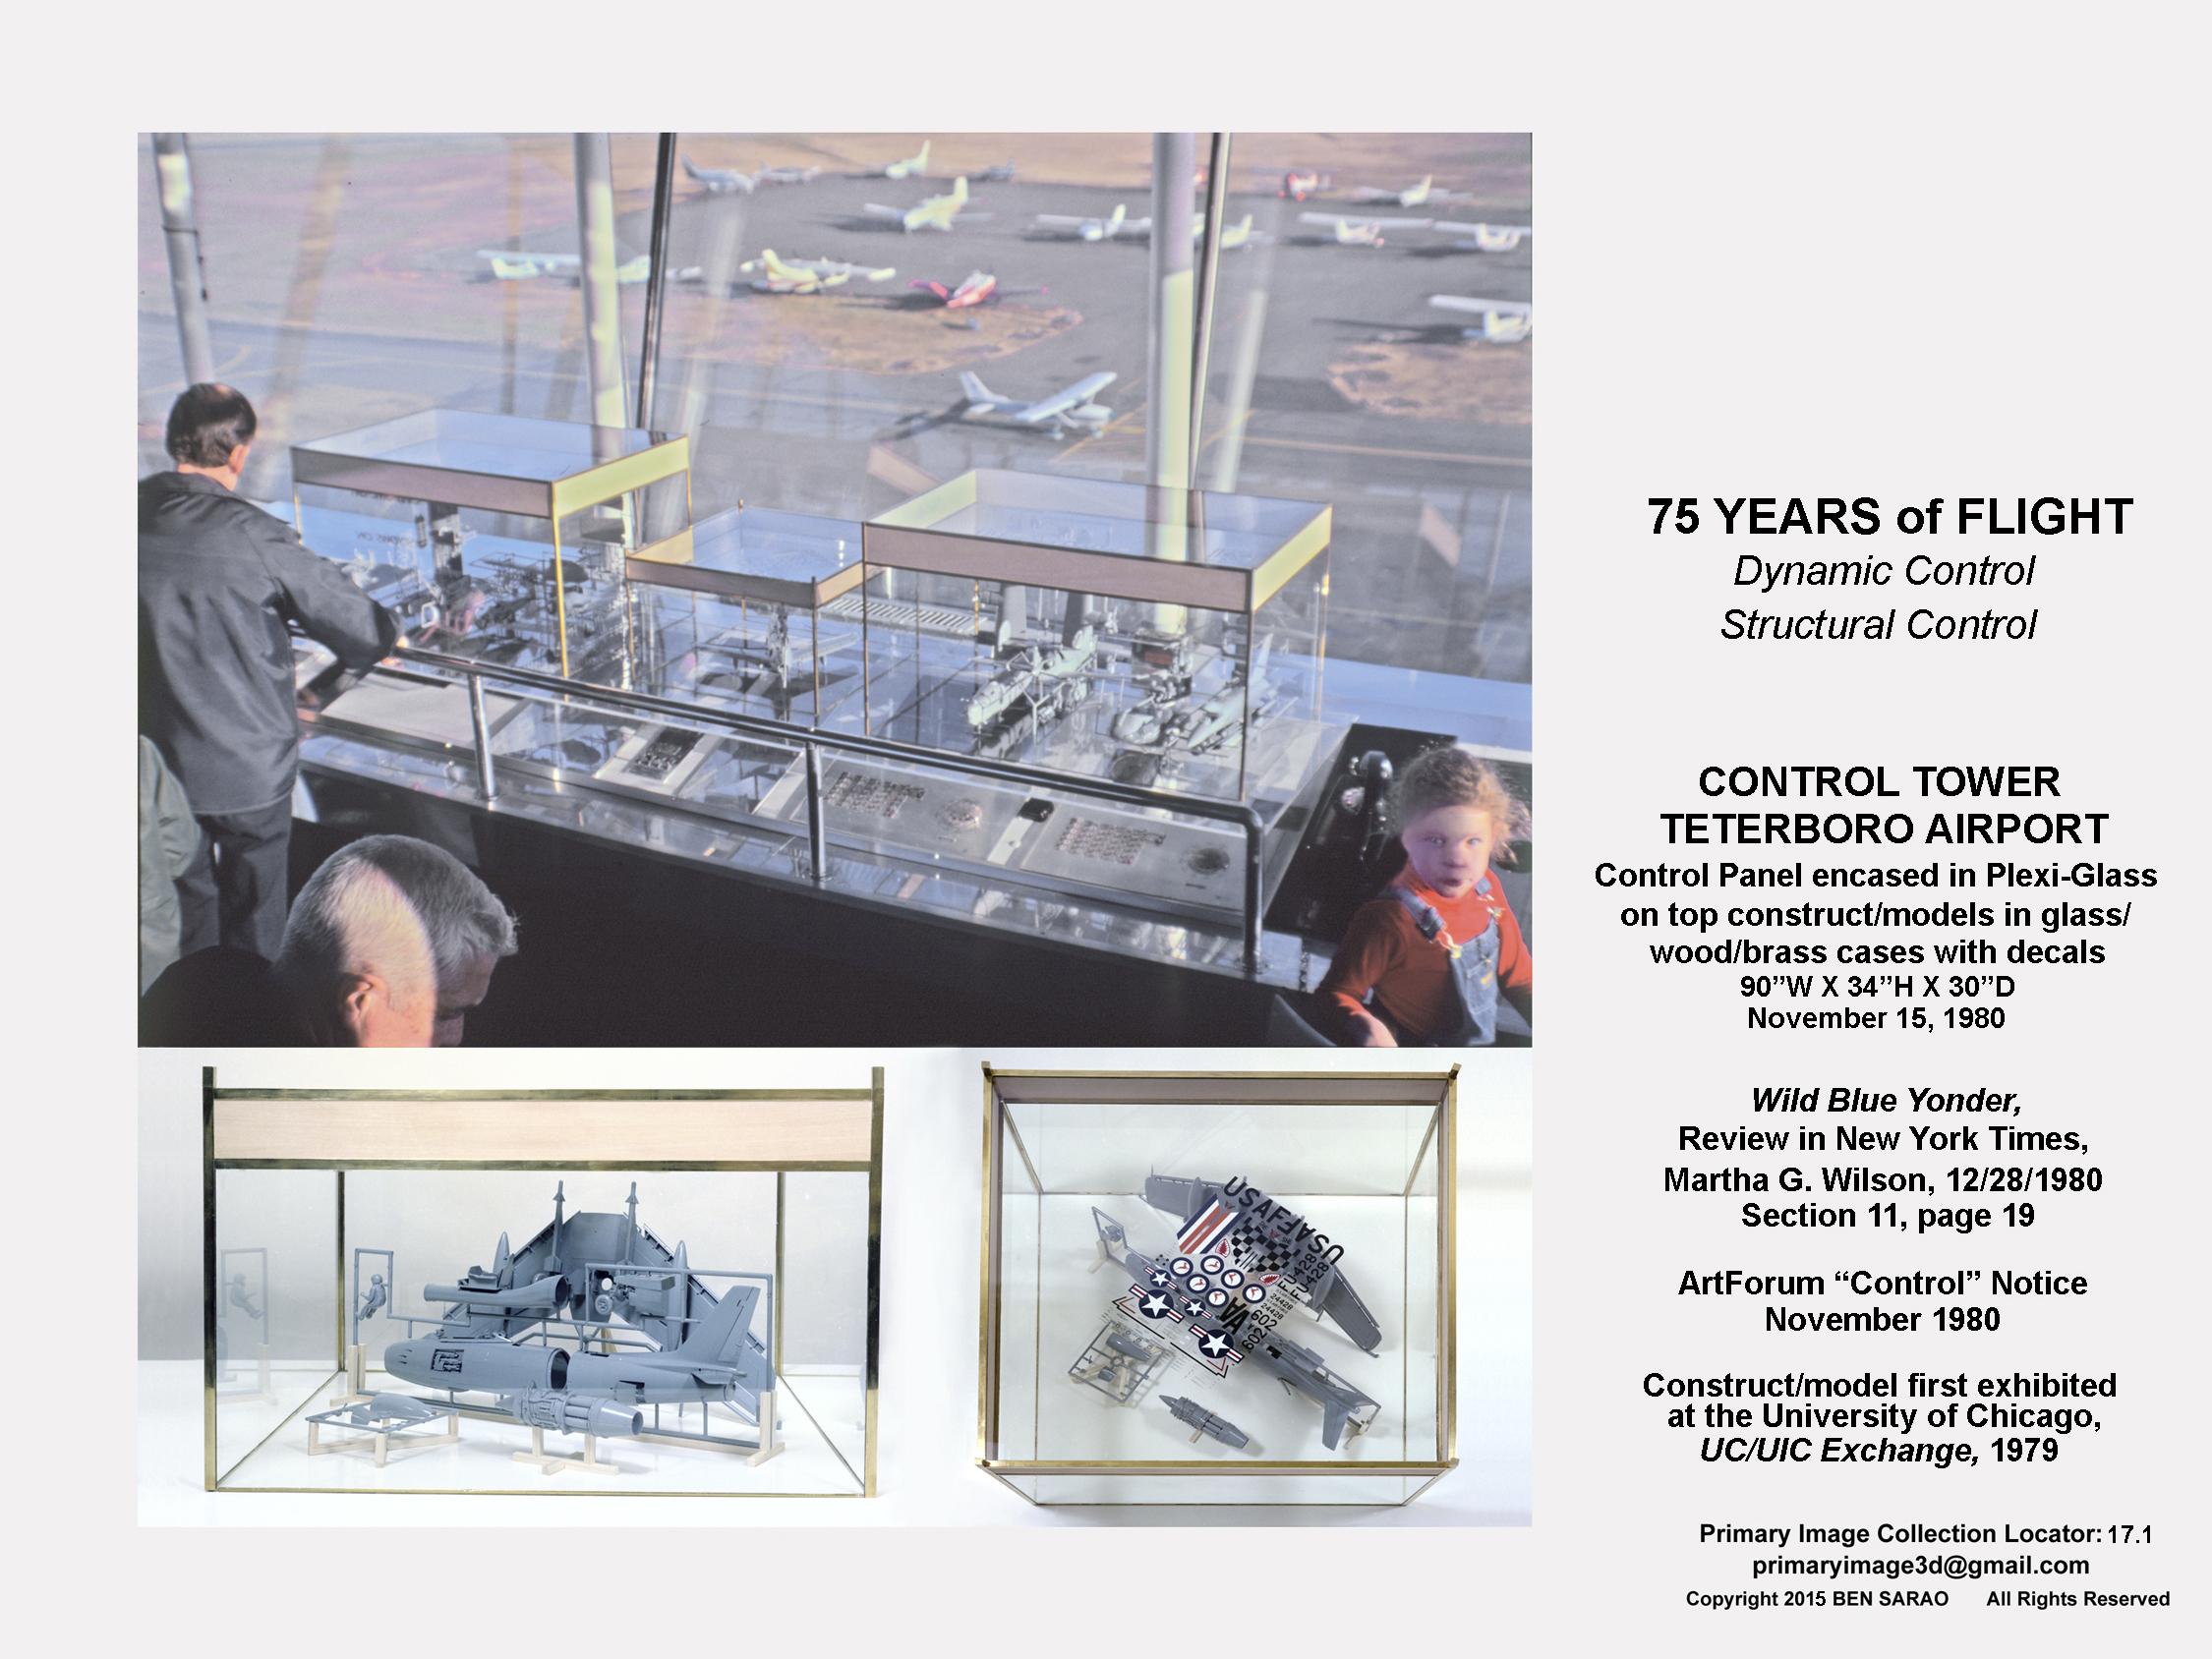 26.III. Teterboro 75 Years of Flight.jpg